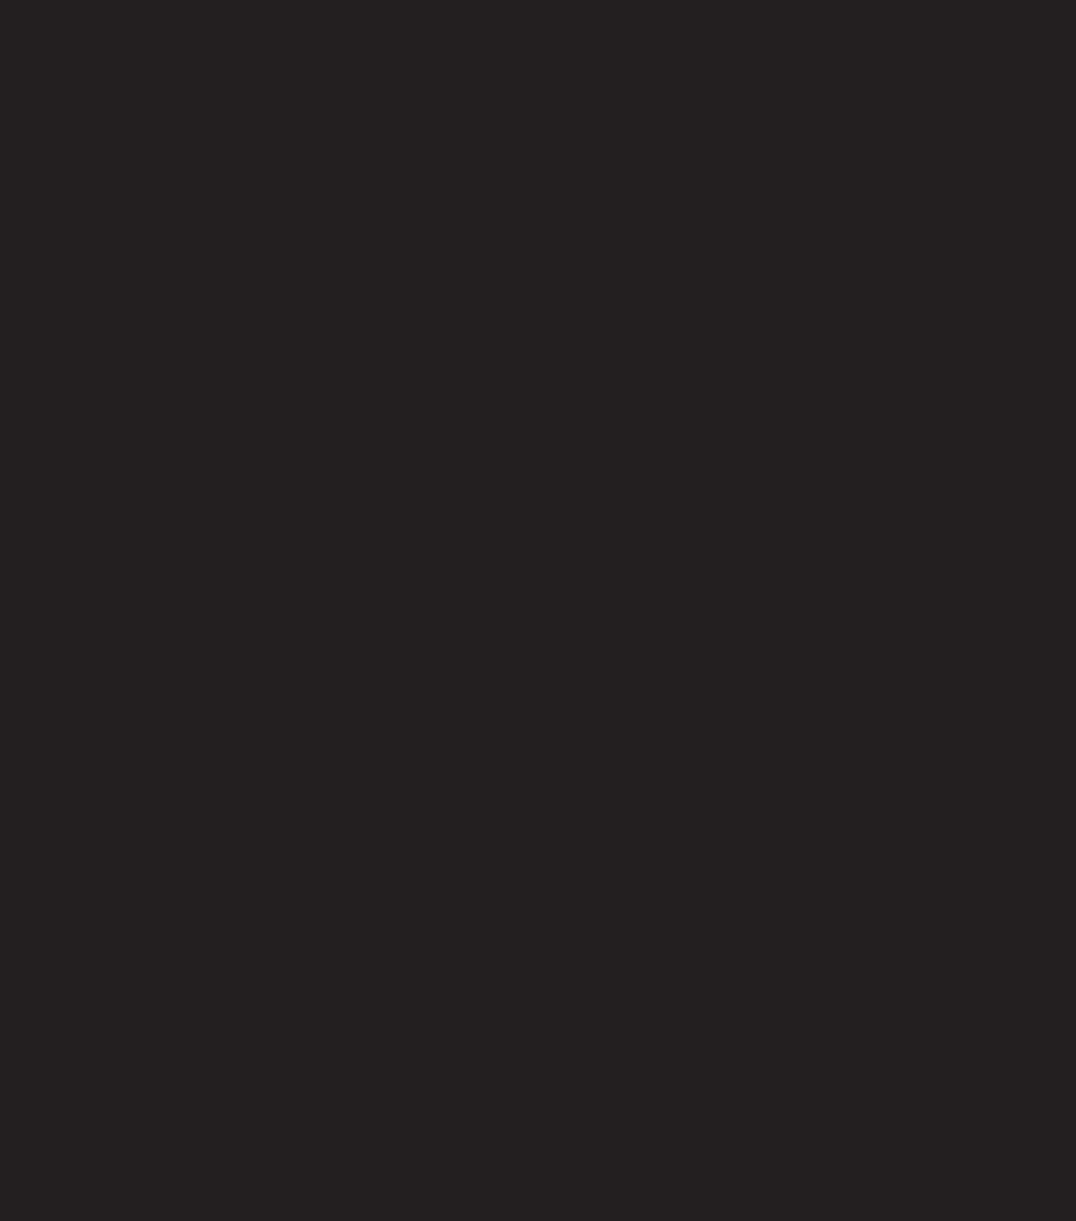 v4_logo